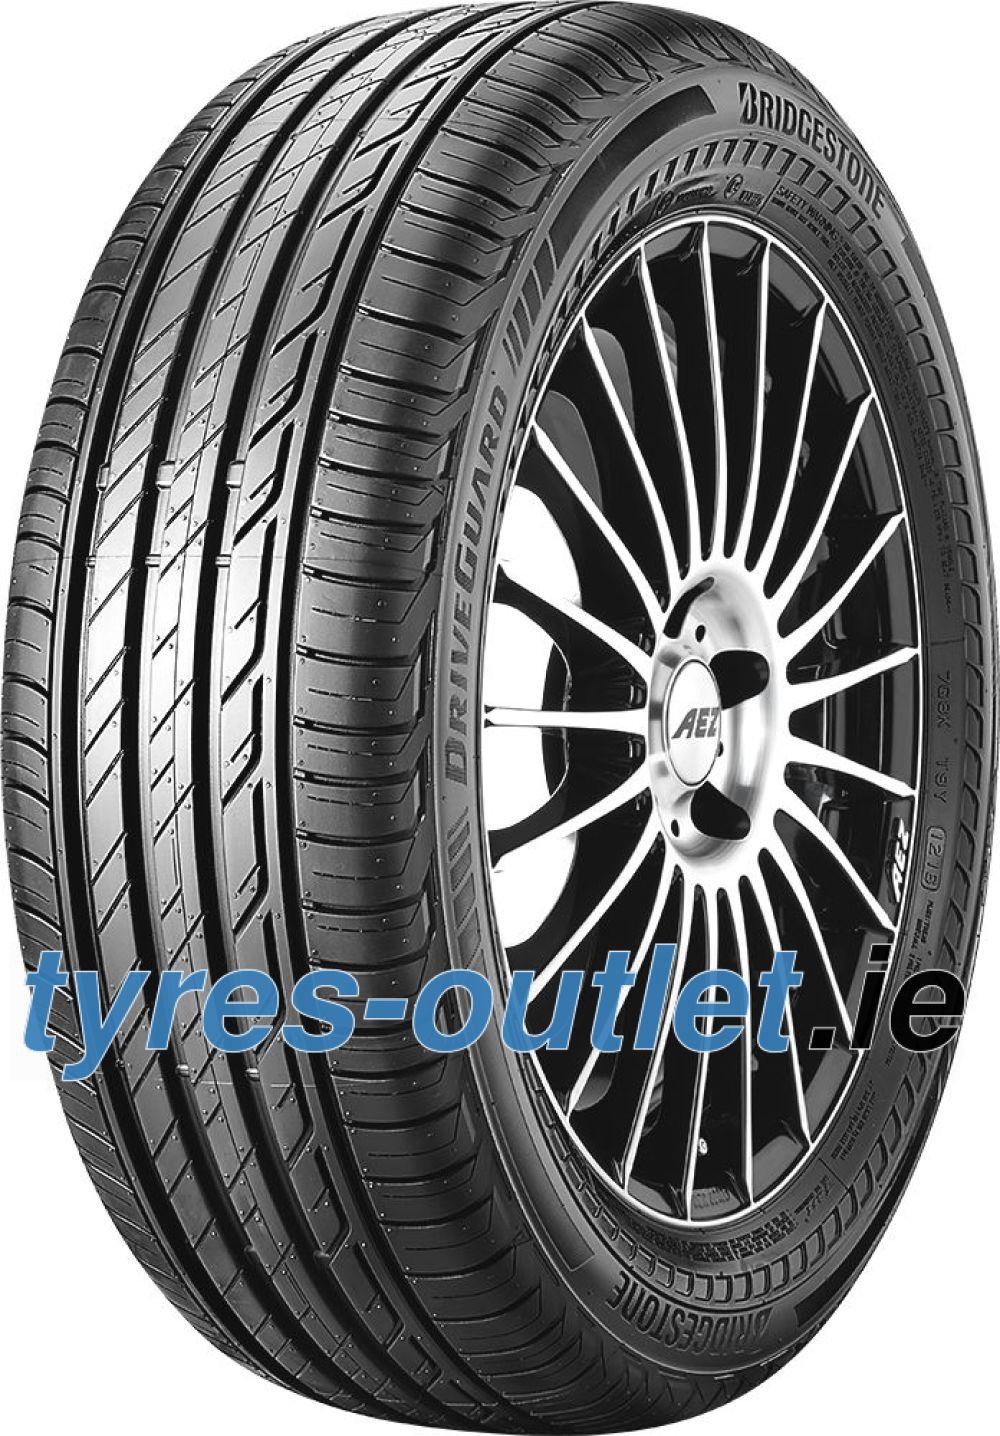 Bridgestone DriveGuard RFT ( 185/60 R15 88V XL runflat, DriveGuard )